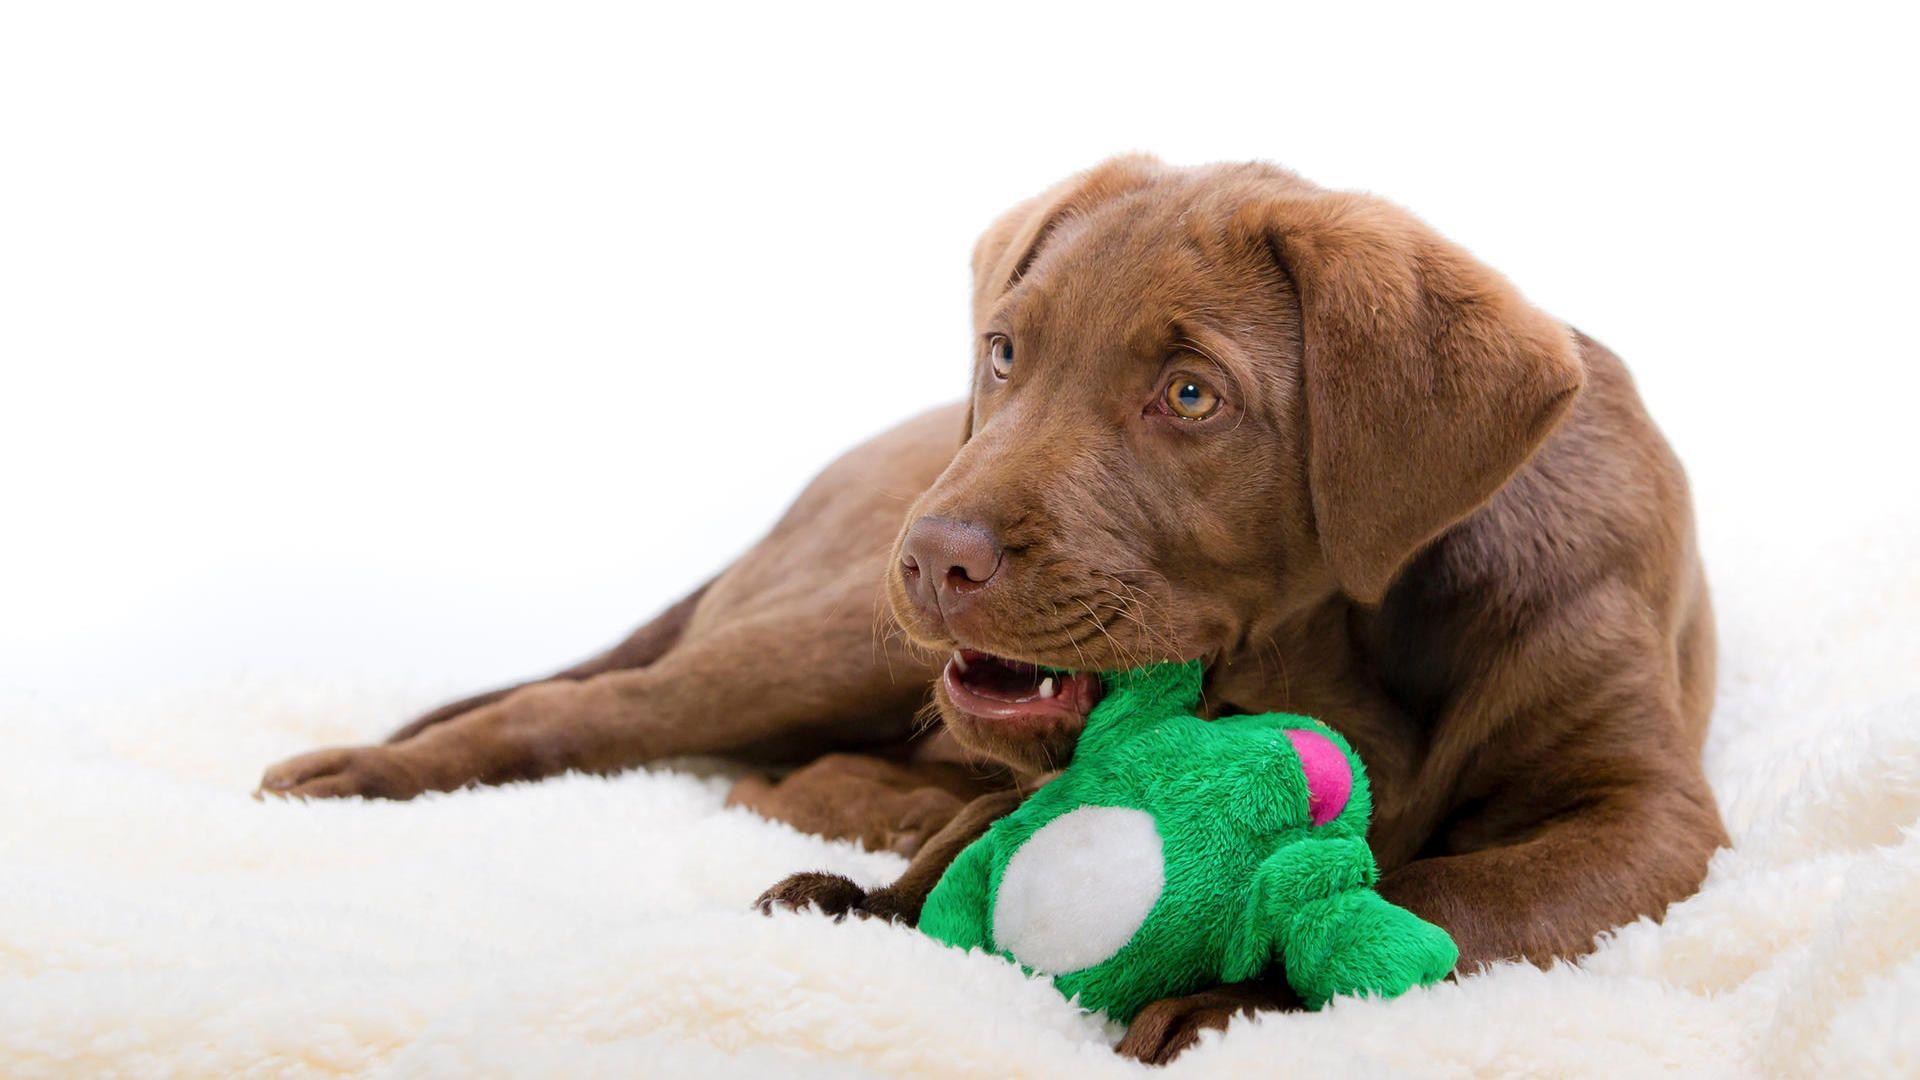 Mit Diesem Spielzeug Ist Ihr Hund Sinnvoll Beschaftigt Hunde Hundespielzeug Mittelgrosse Hunde